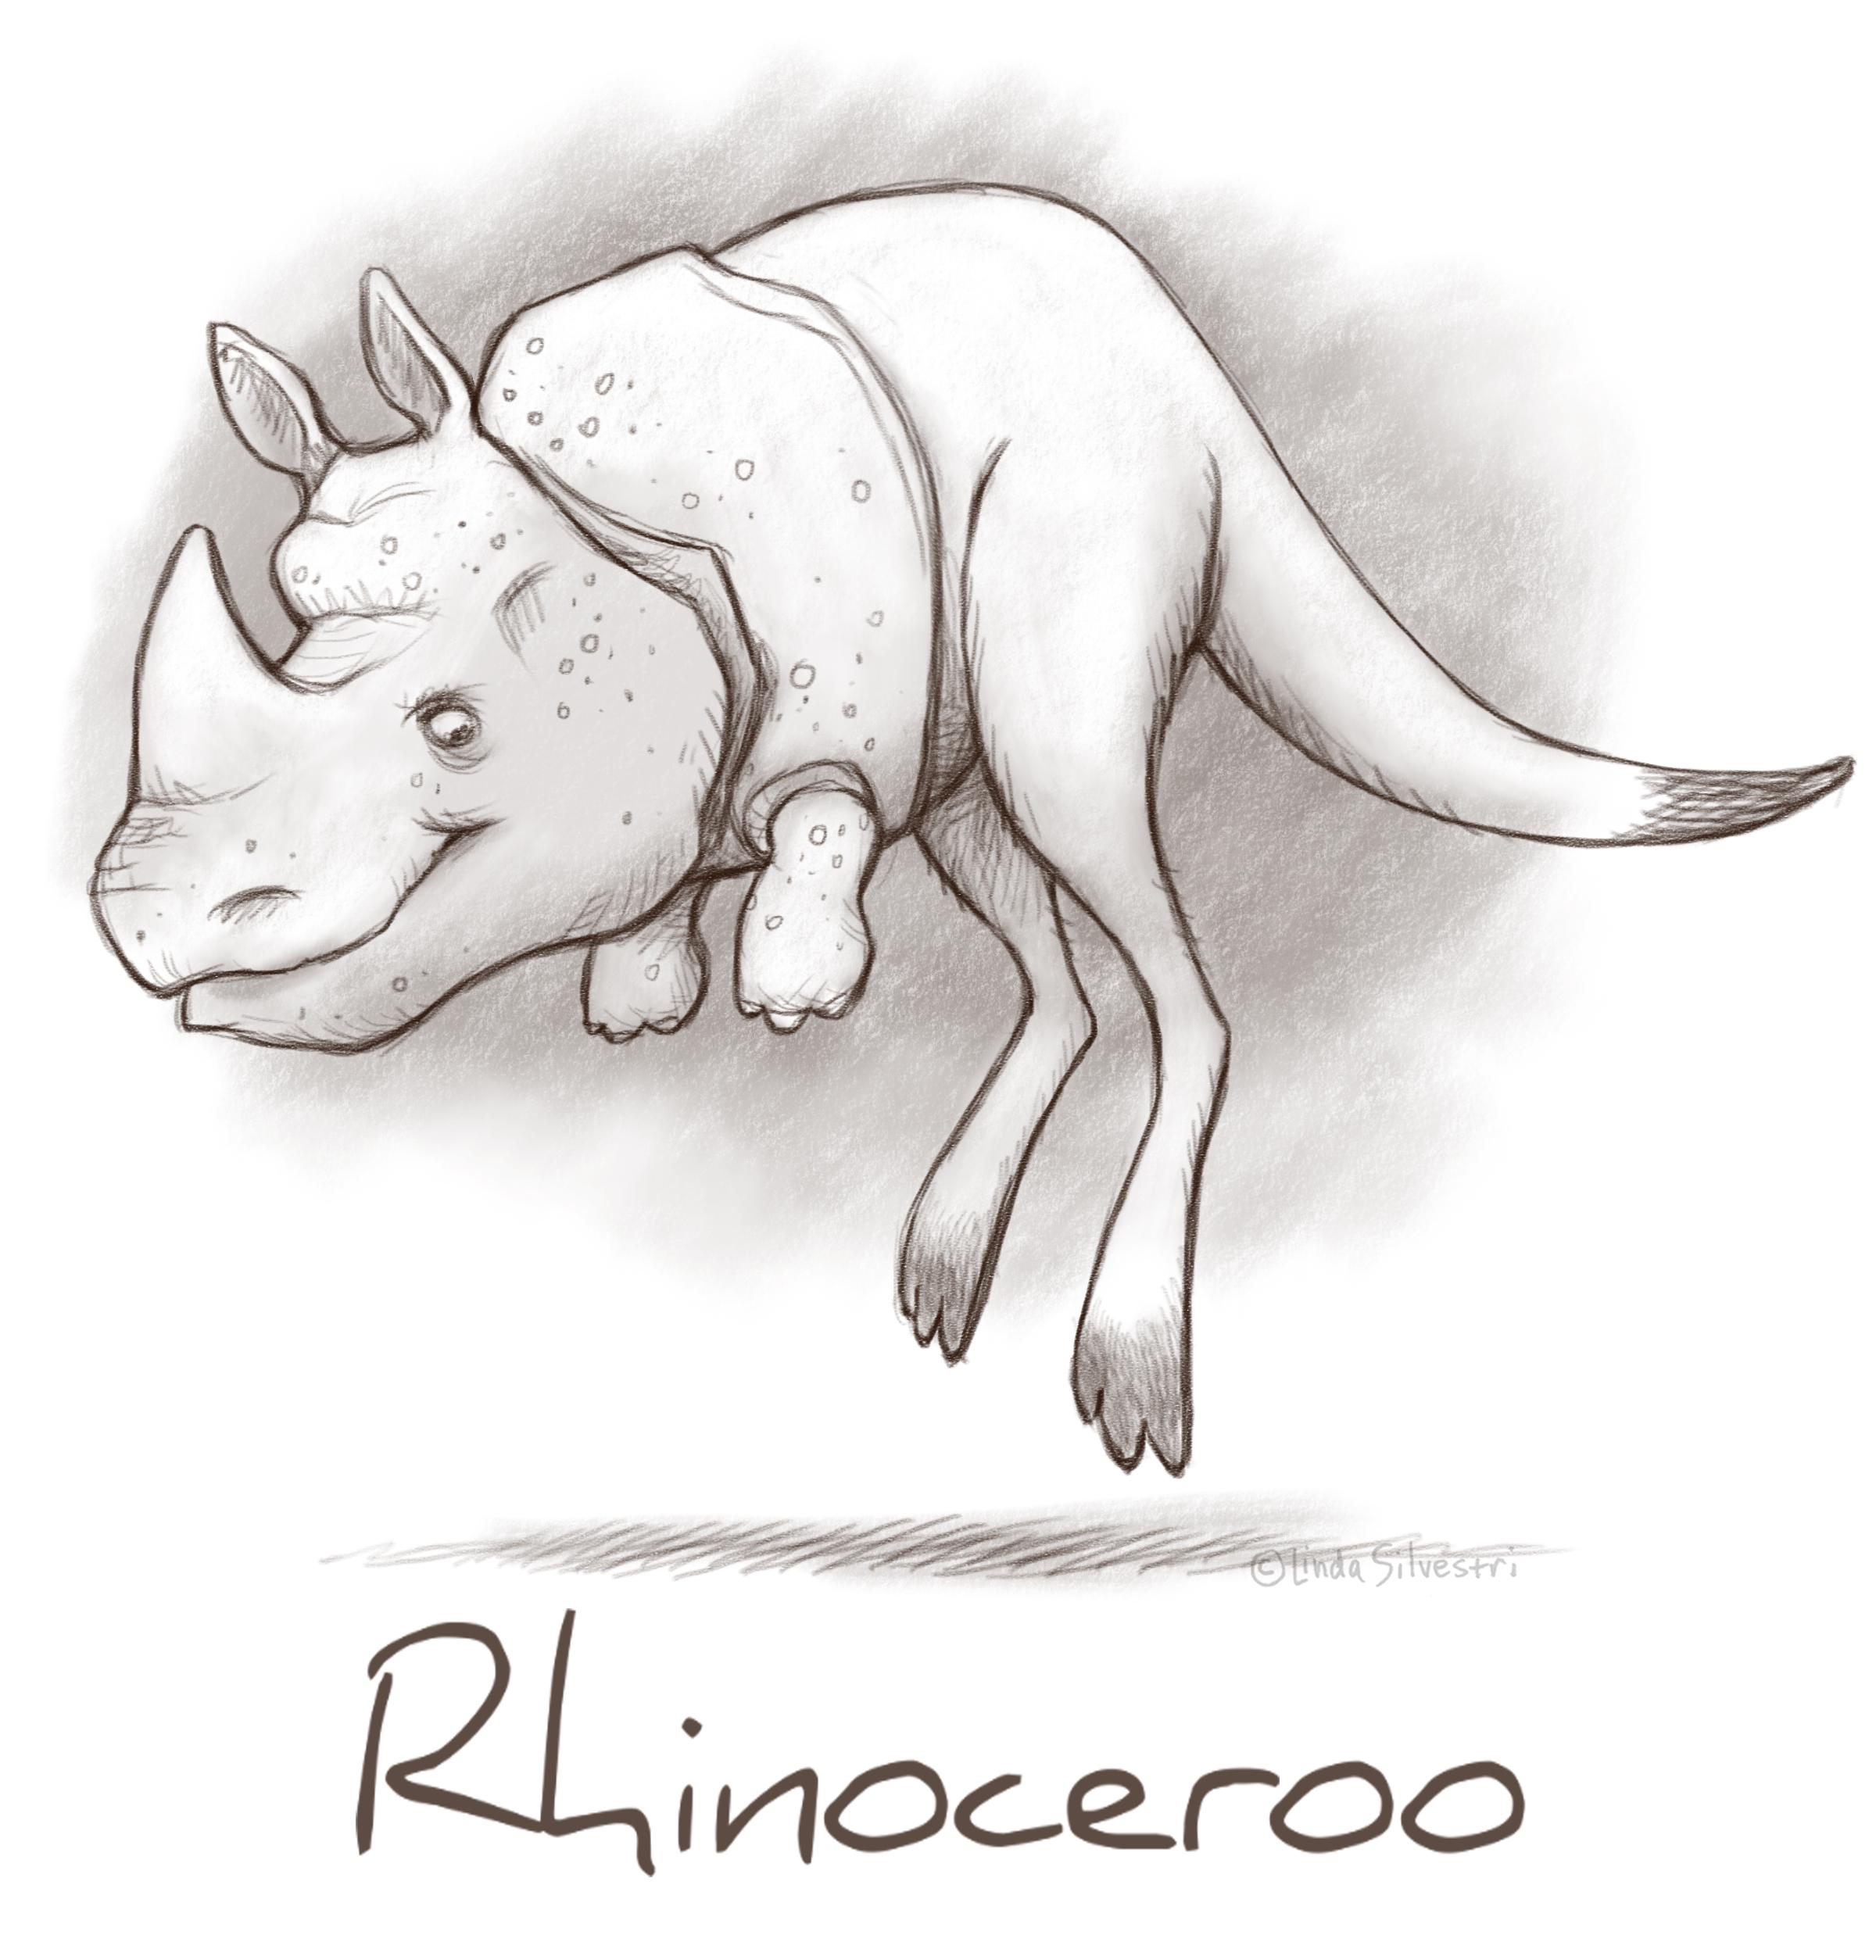 Rhinoceroo